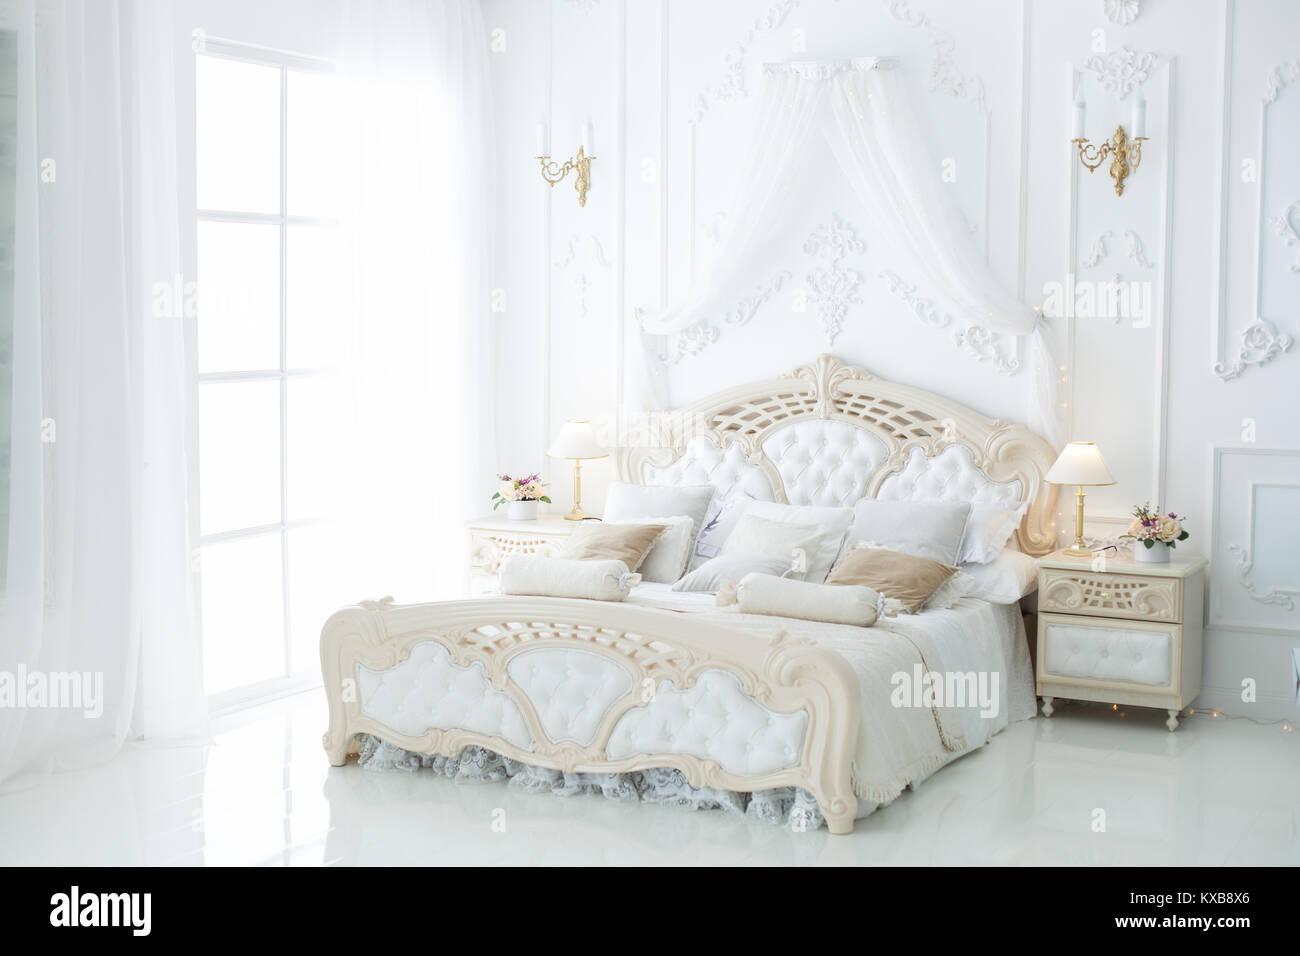 Schönes Licht Schlafzimmer mit einem schönen großen Bett Stockfoto ...